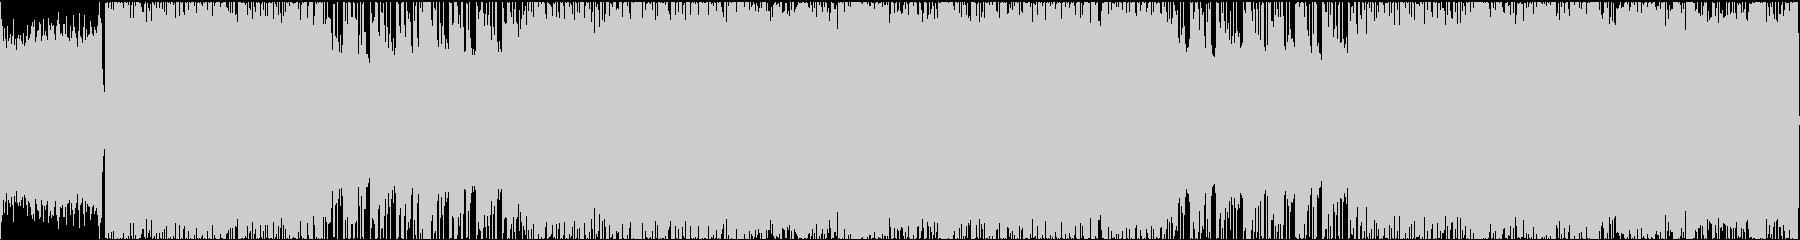 攻撃的で激しく重厚なヘヴィメタルループの未再生の波形